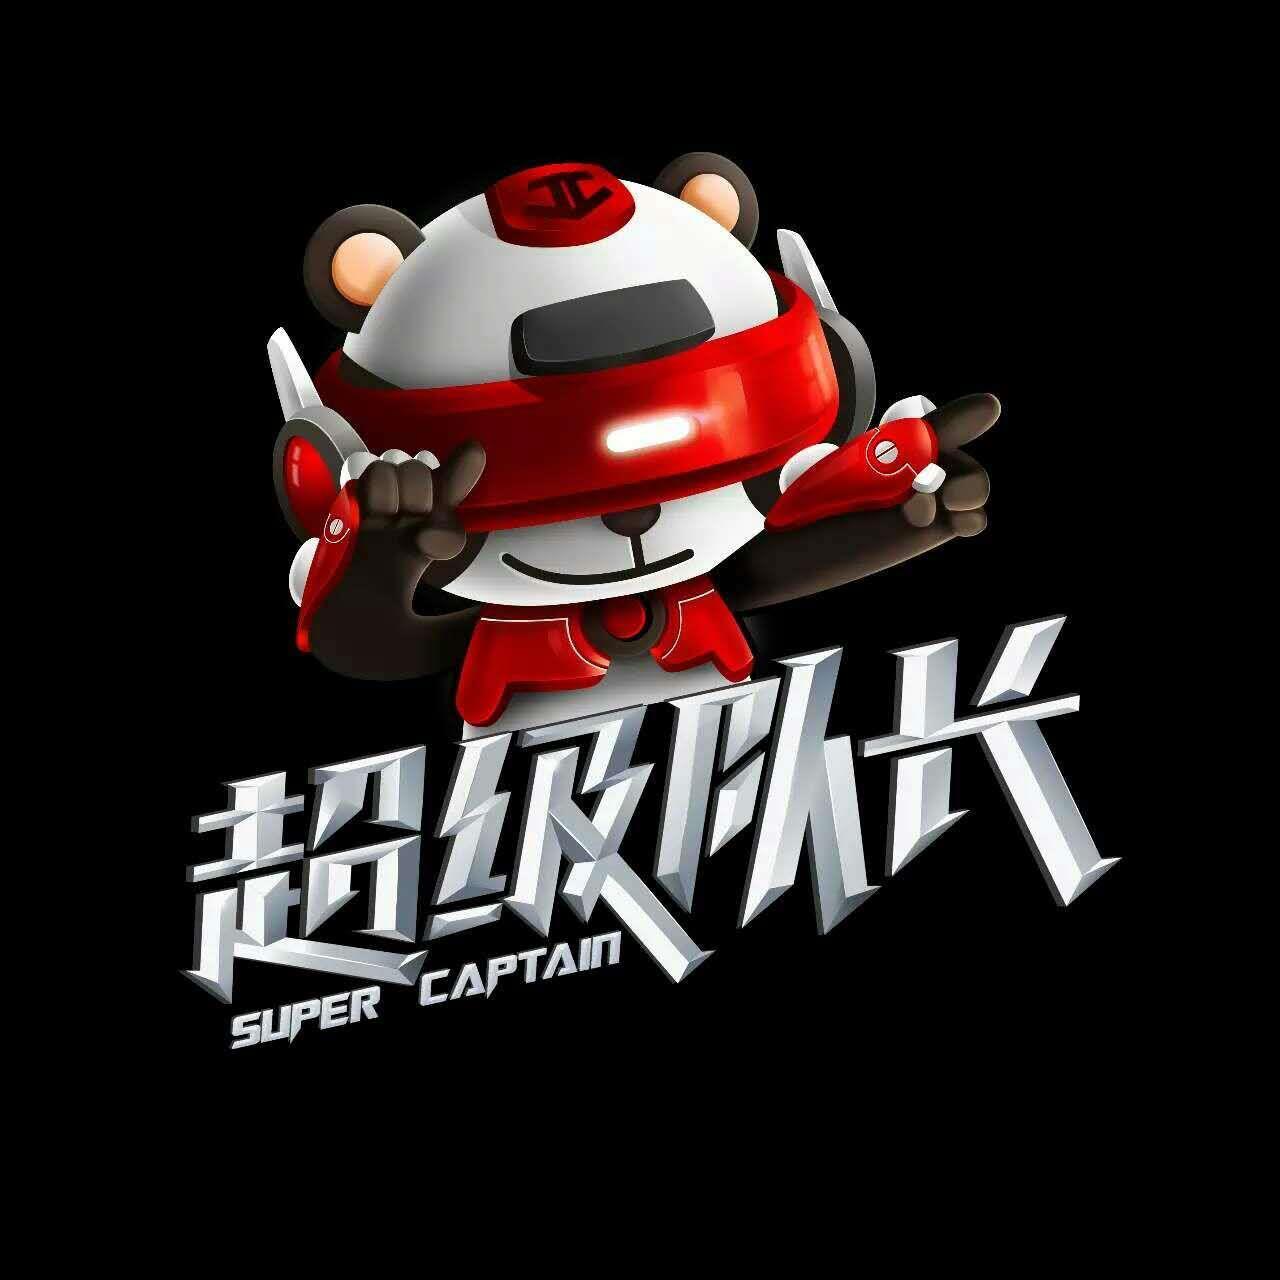 超级队长VR项目加盟